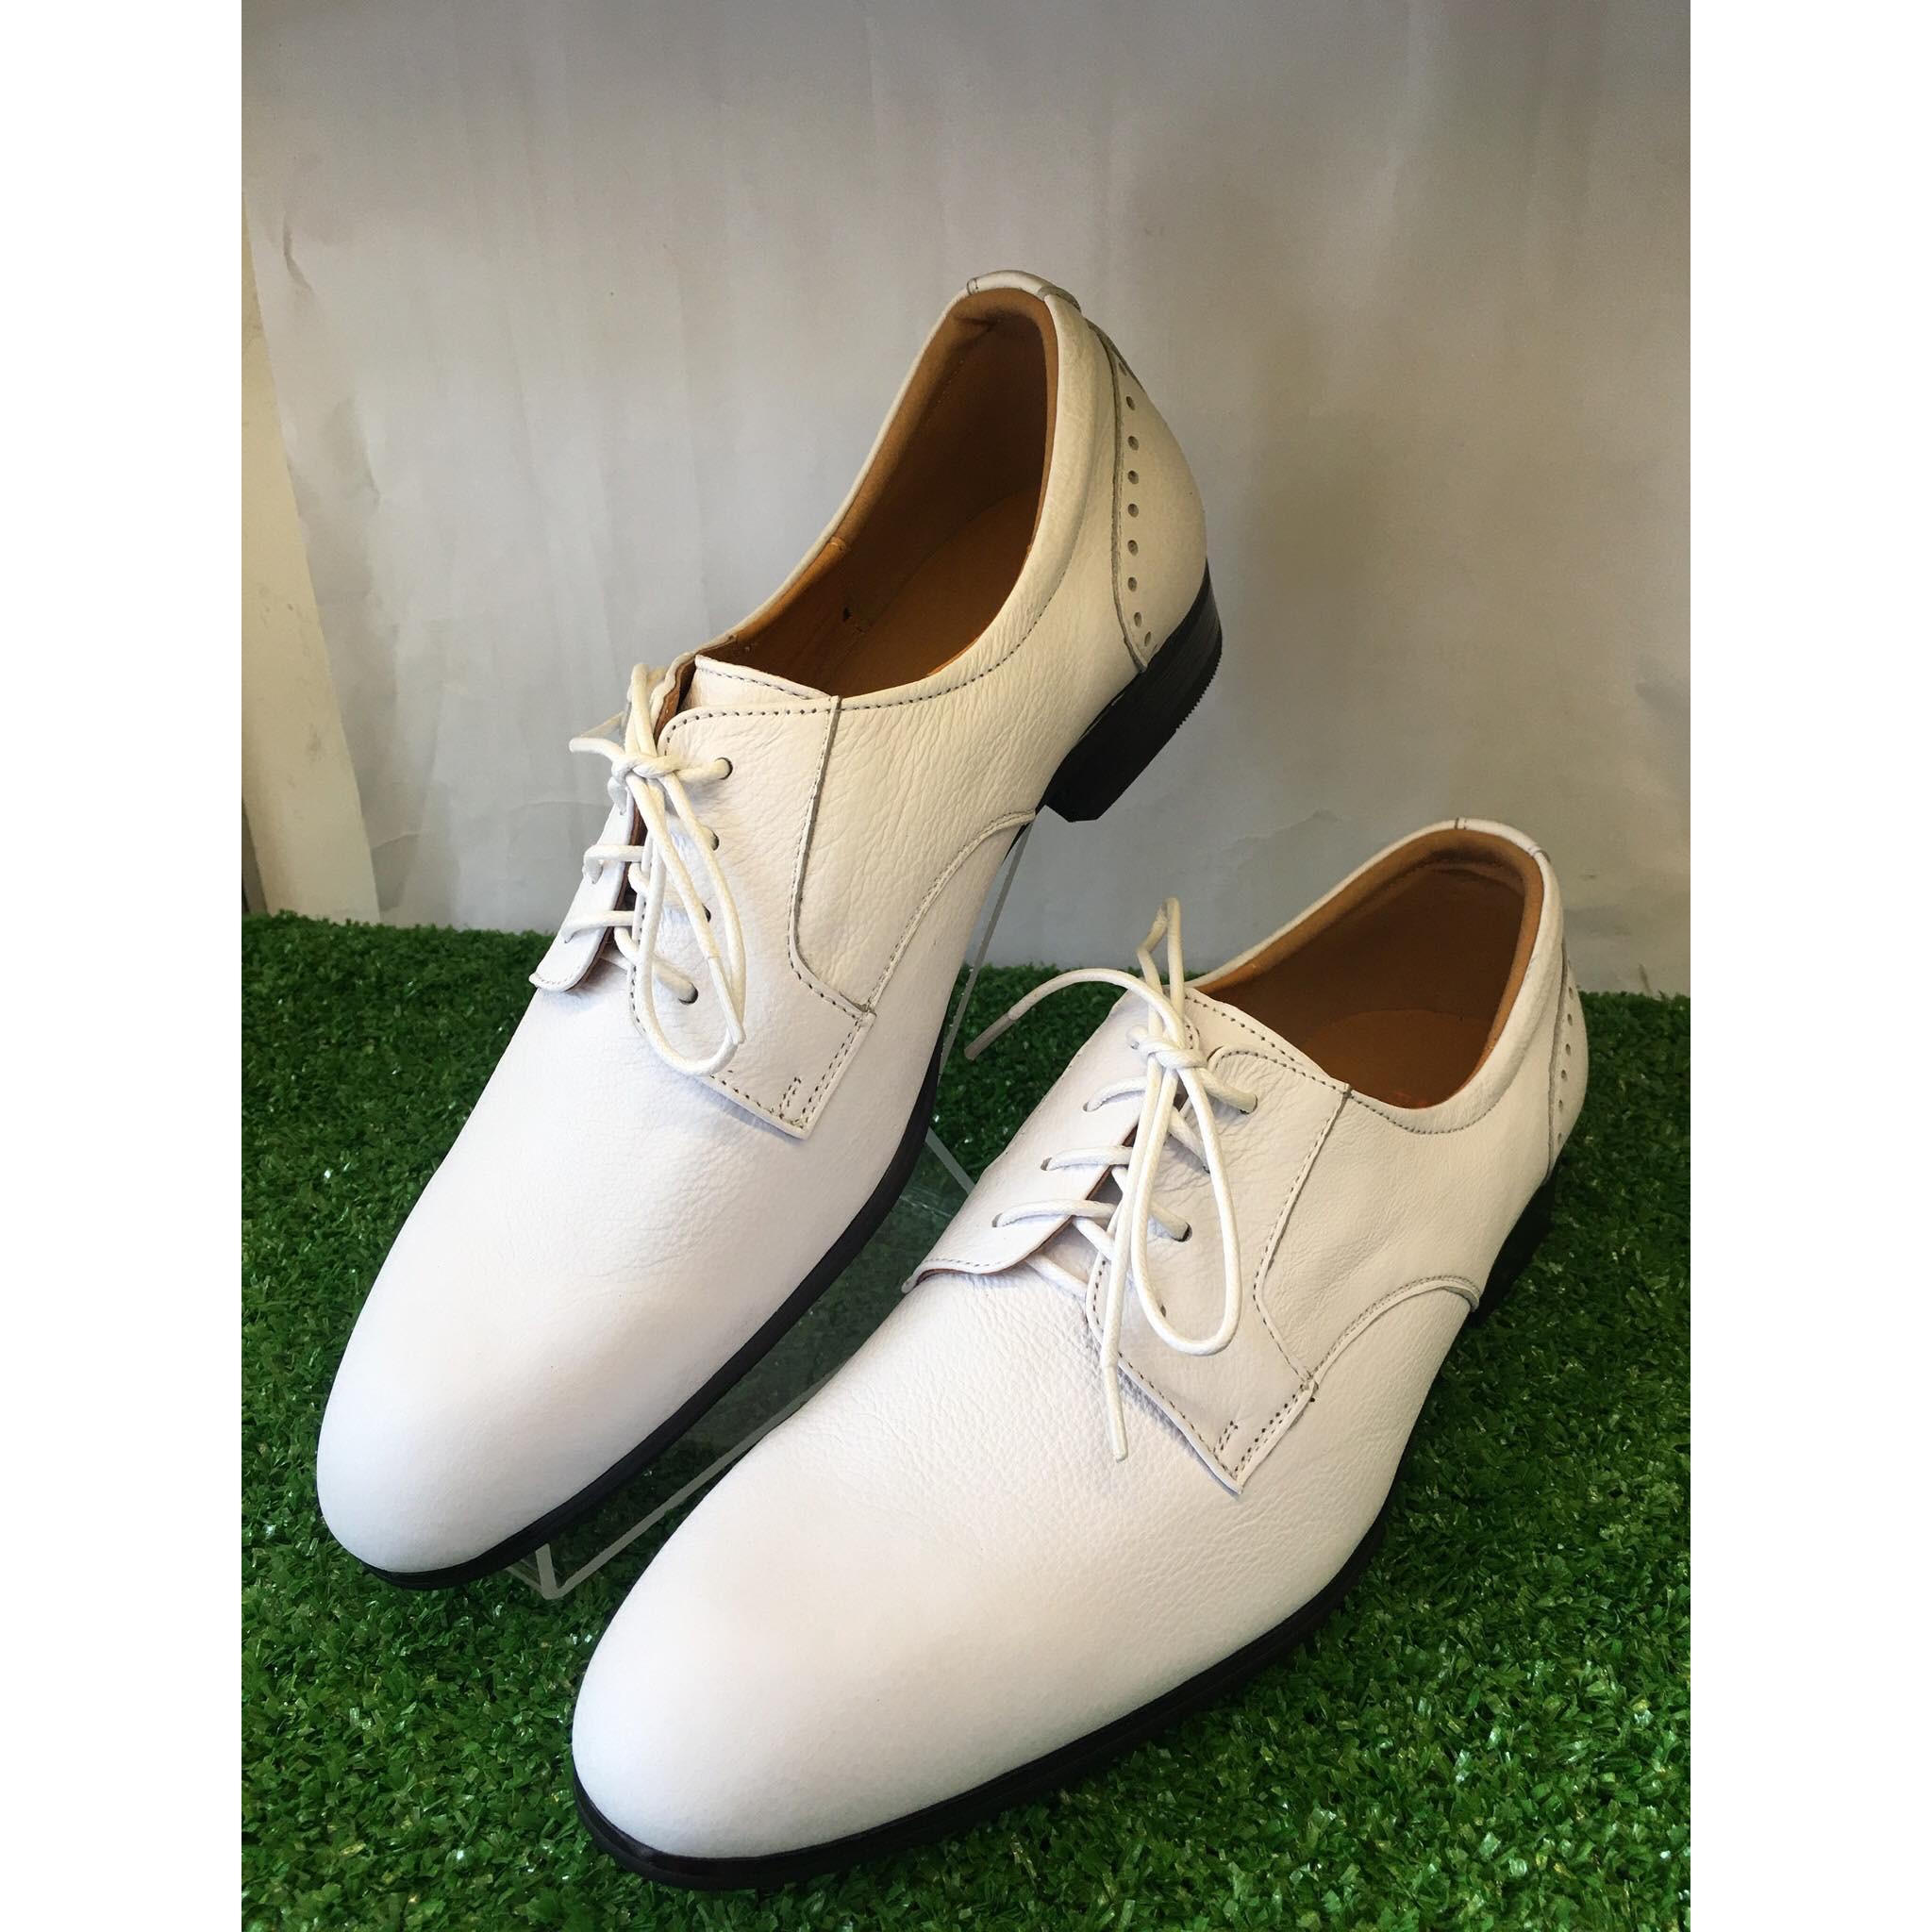 Giày Tây Nam Cột Dây Màu Trắng Giày Công Sở Da Bò Màu trắng-TT01